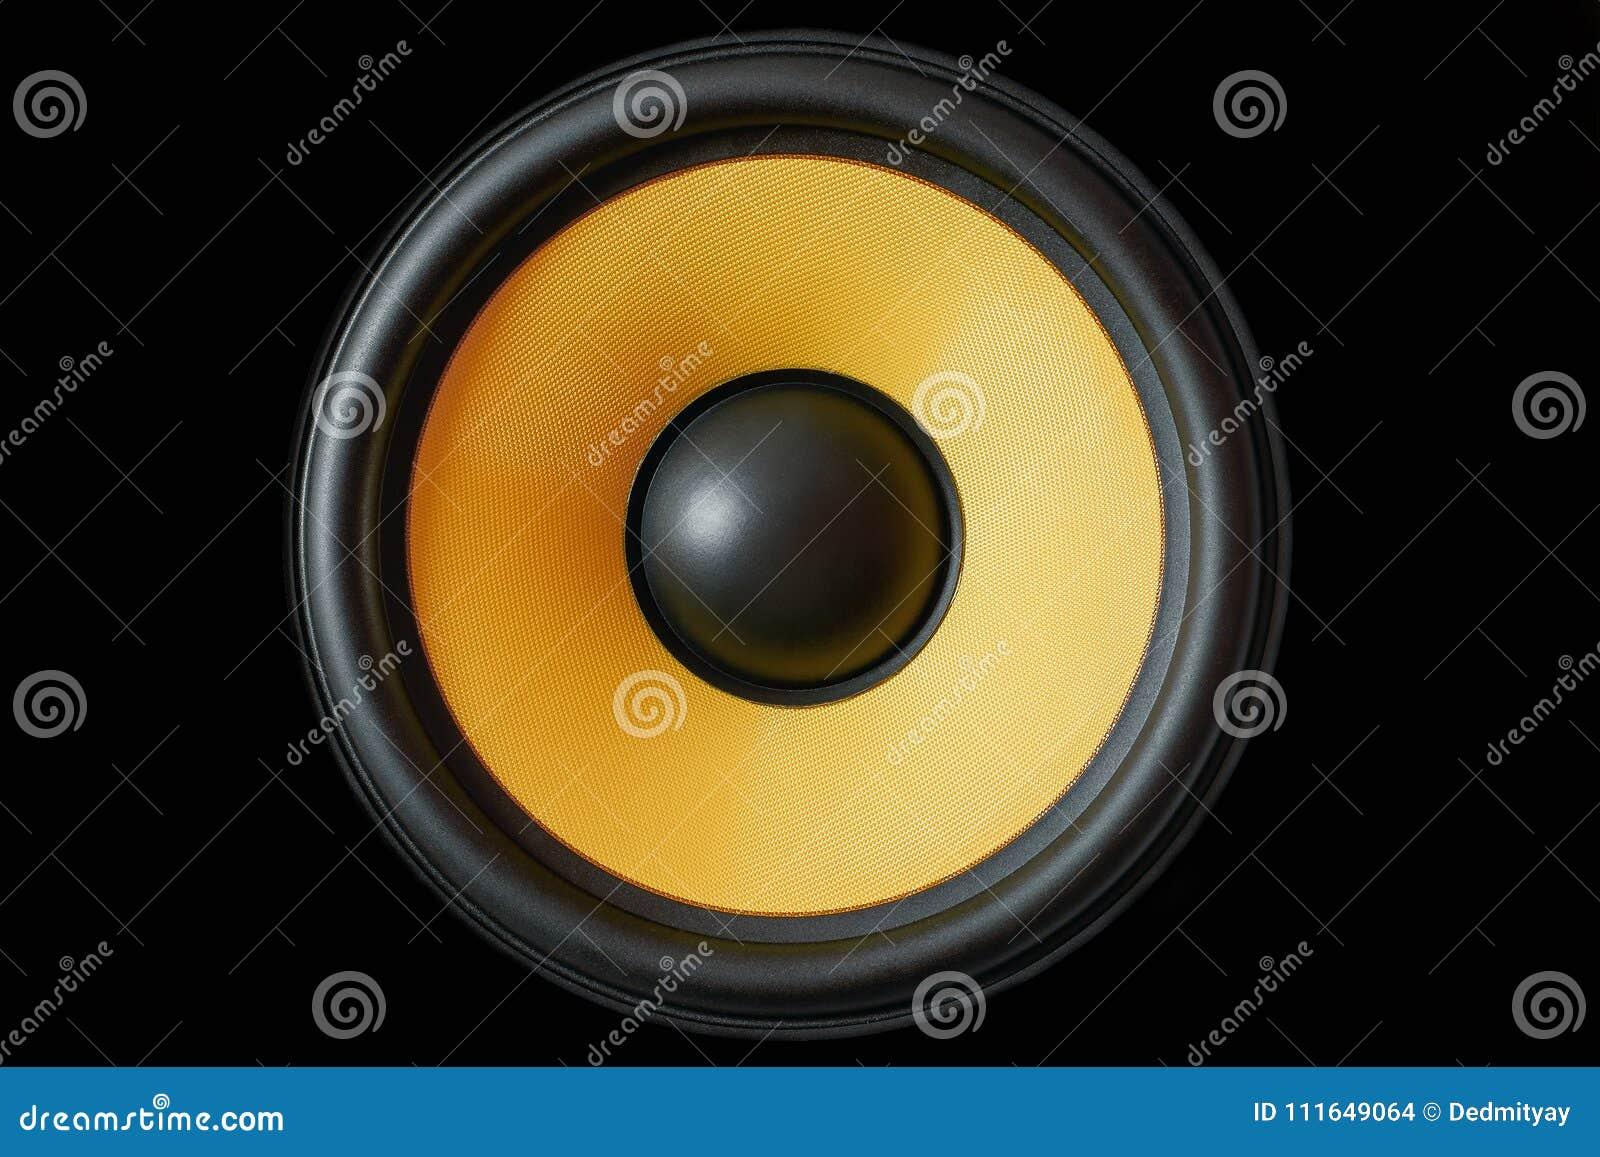 超低音扬声器在黑背景隔绝的动态膜或声音报告人,黄色高保真扩音器关闭